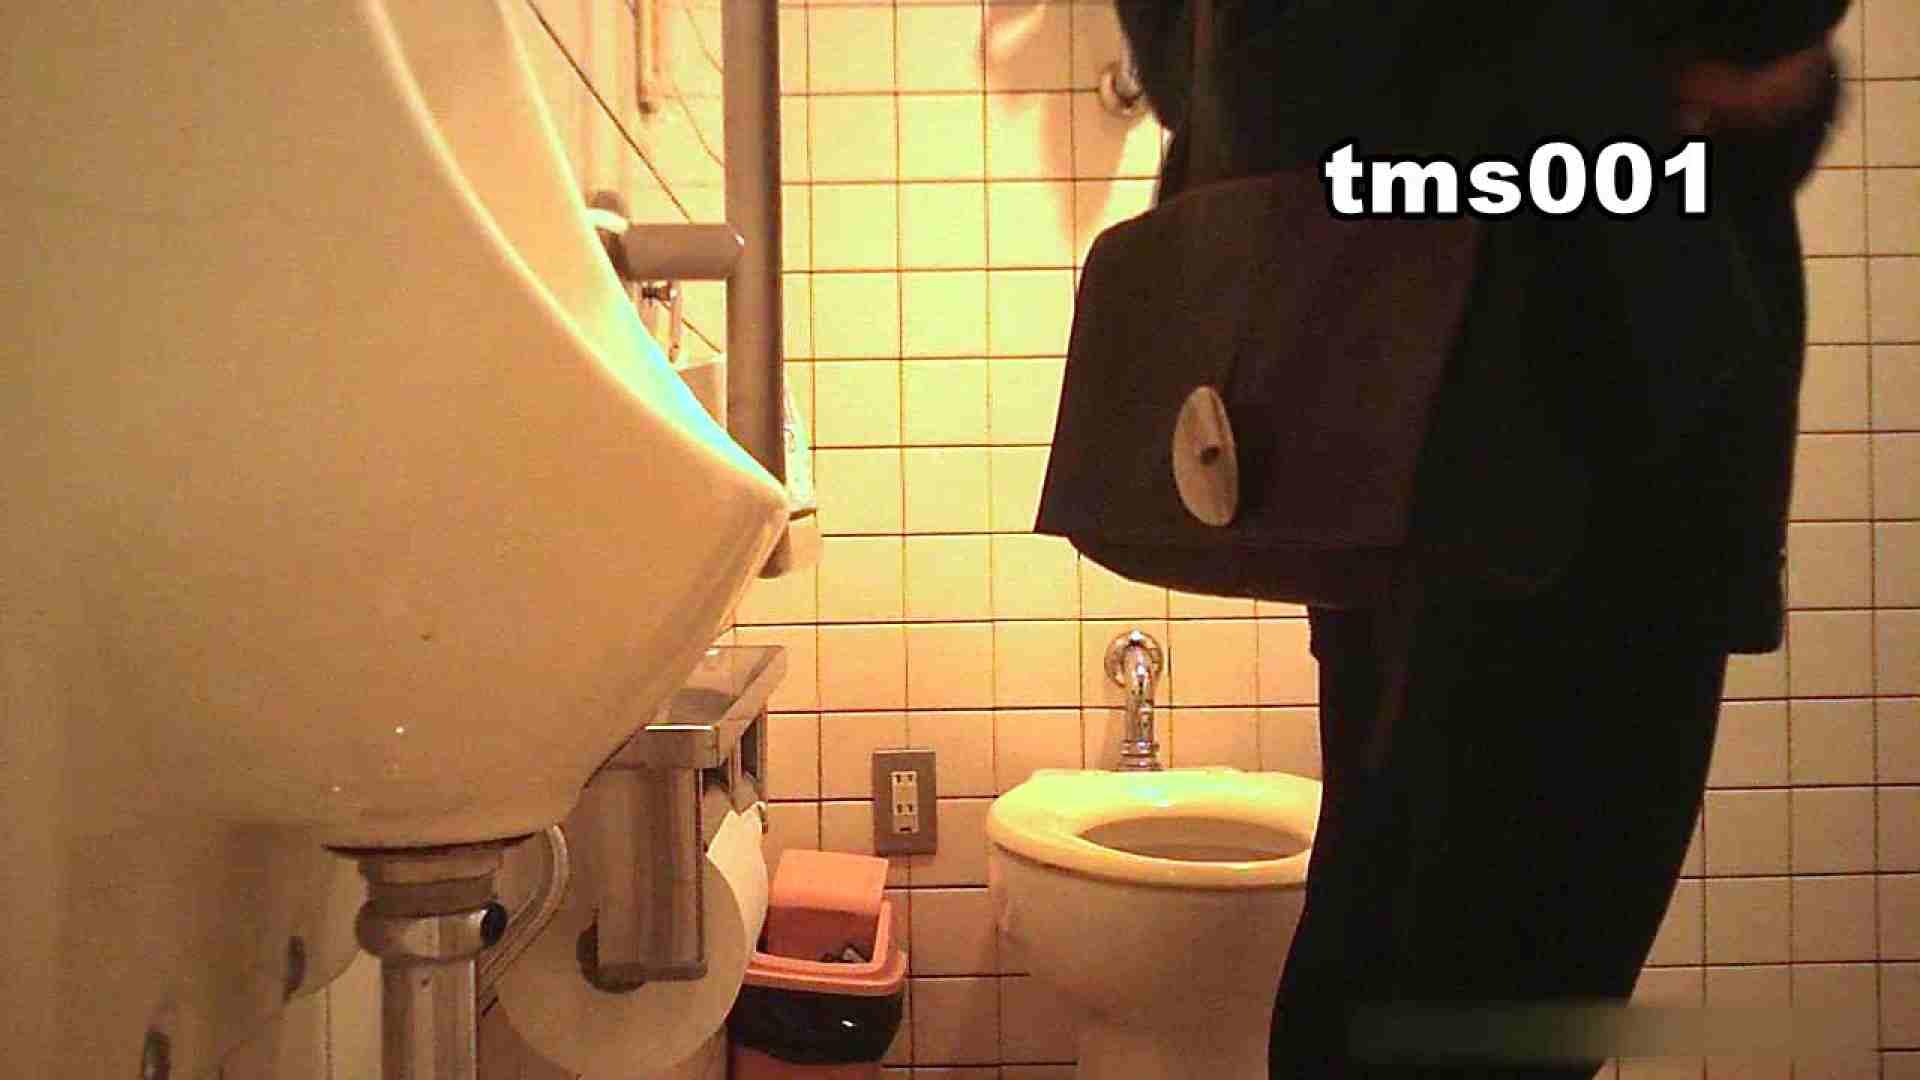 トイメンの割れ目 vol.001 丸見え AV無料動画キャプチャ 91画像 37